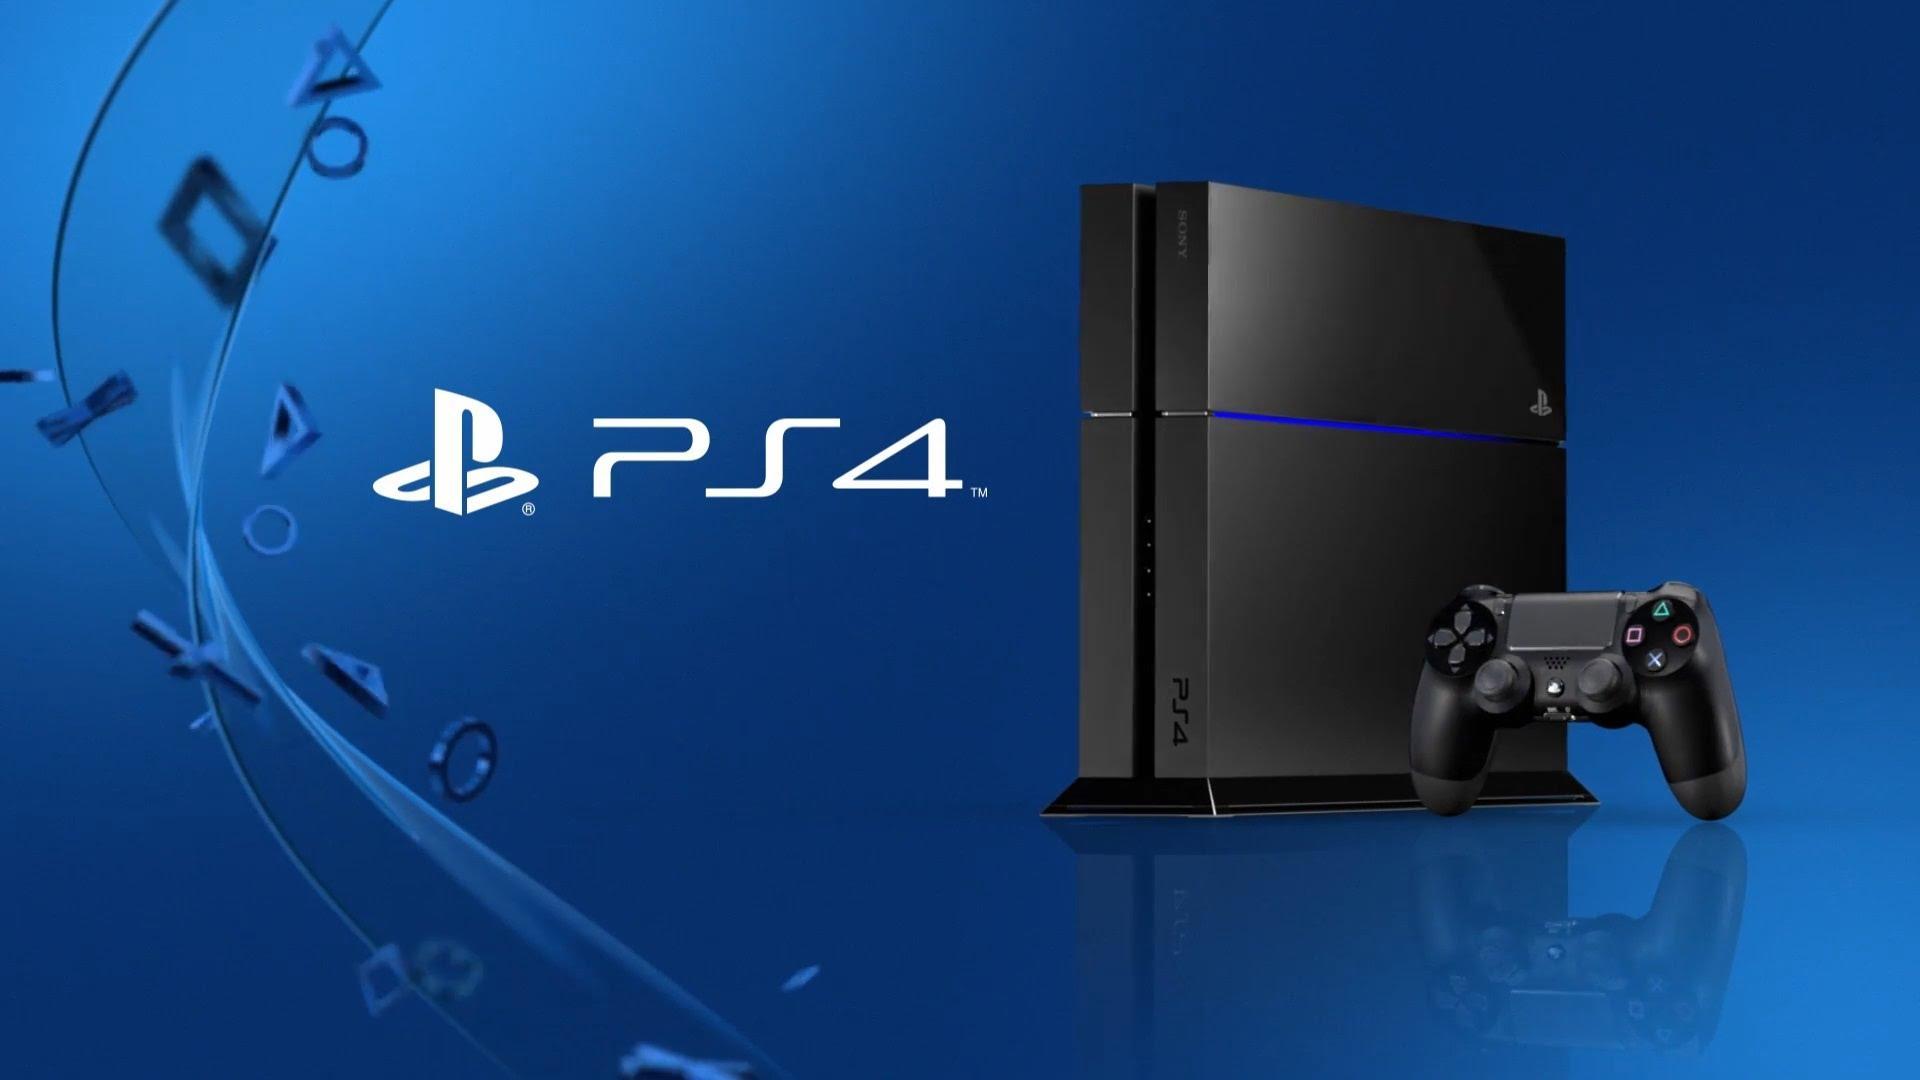 PS4 fue la consola más usada para ver porno en 2016